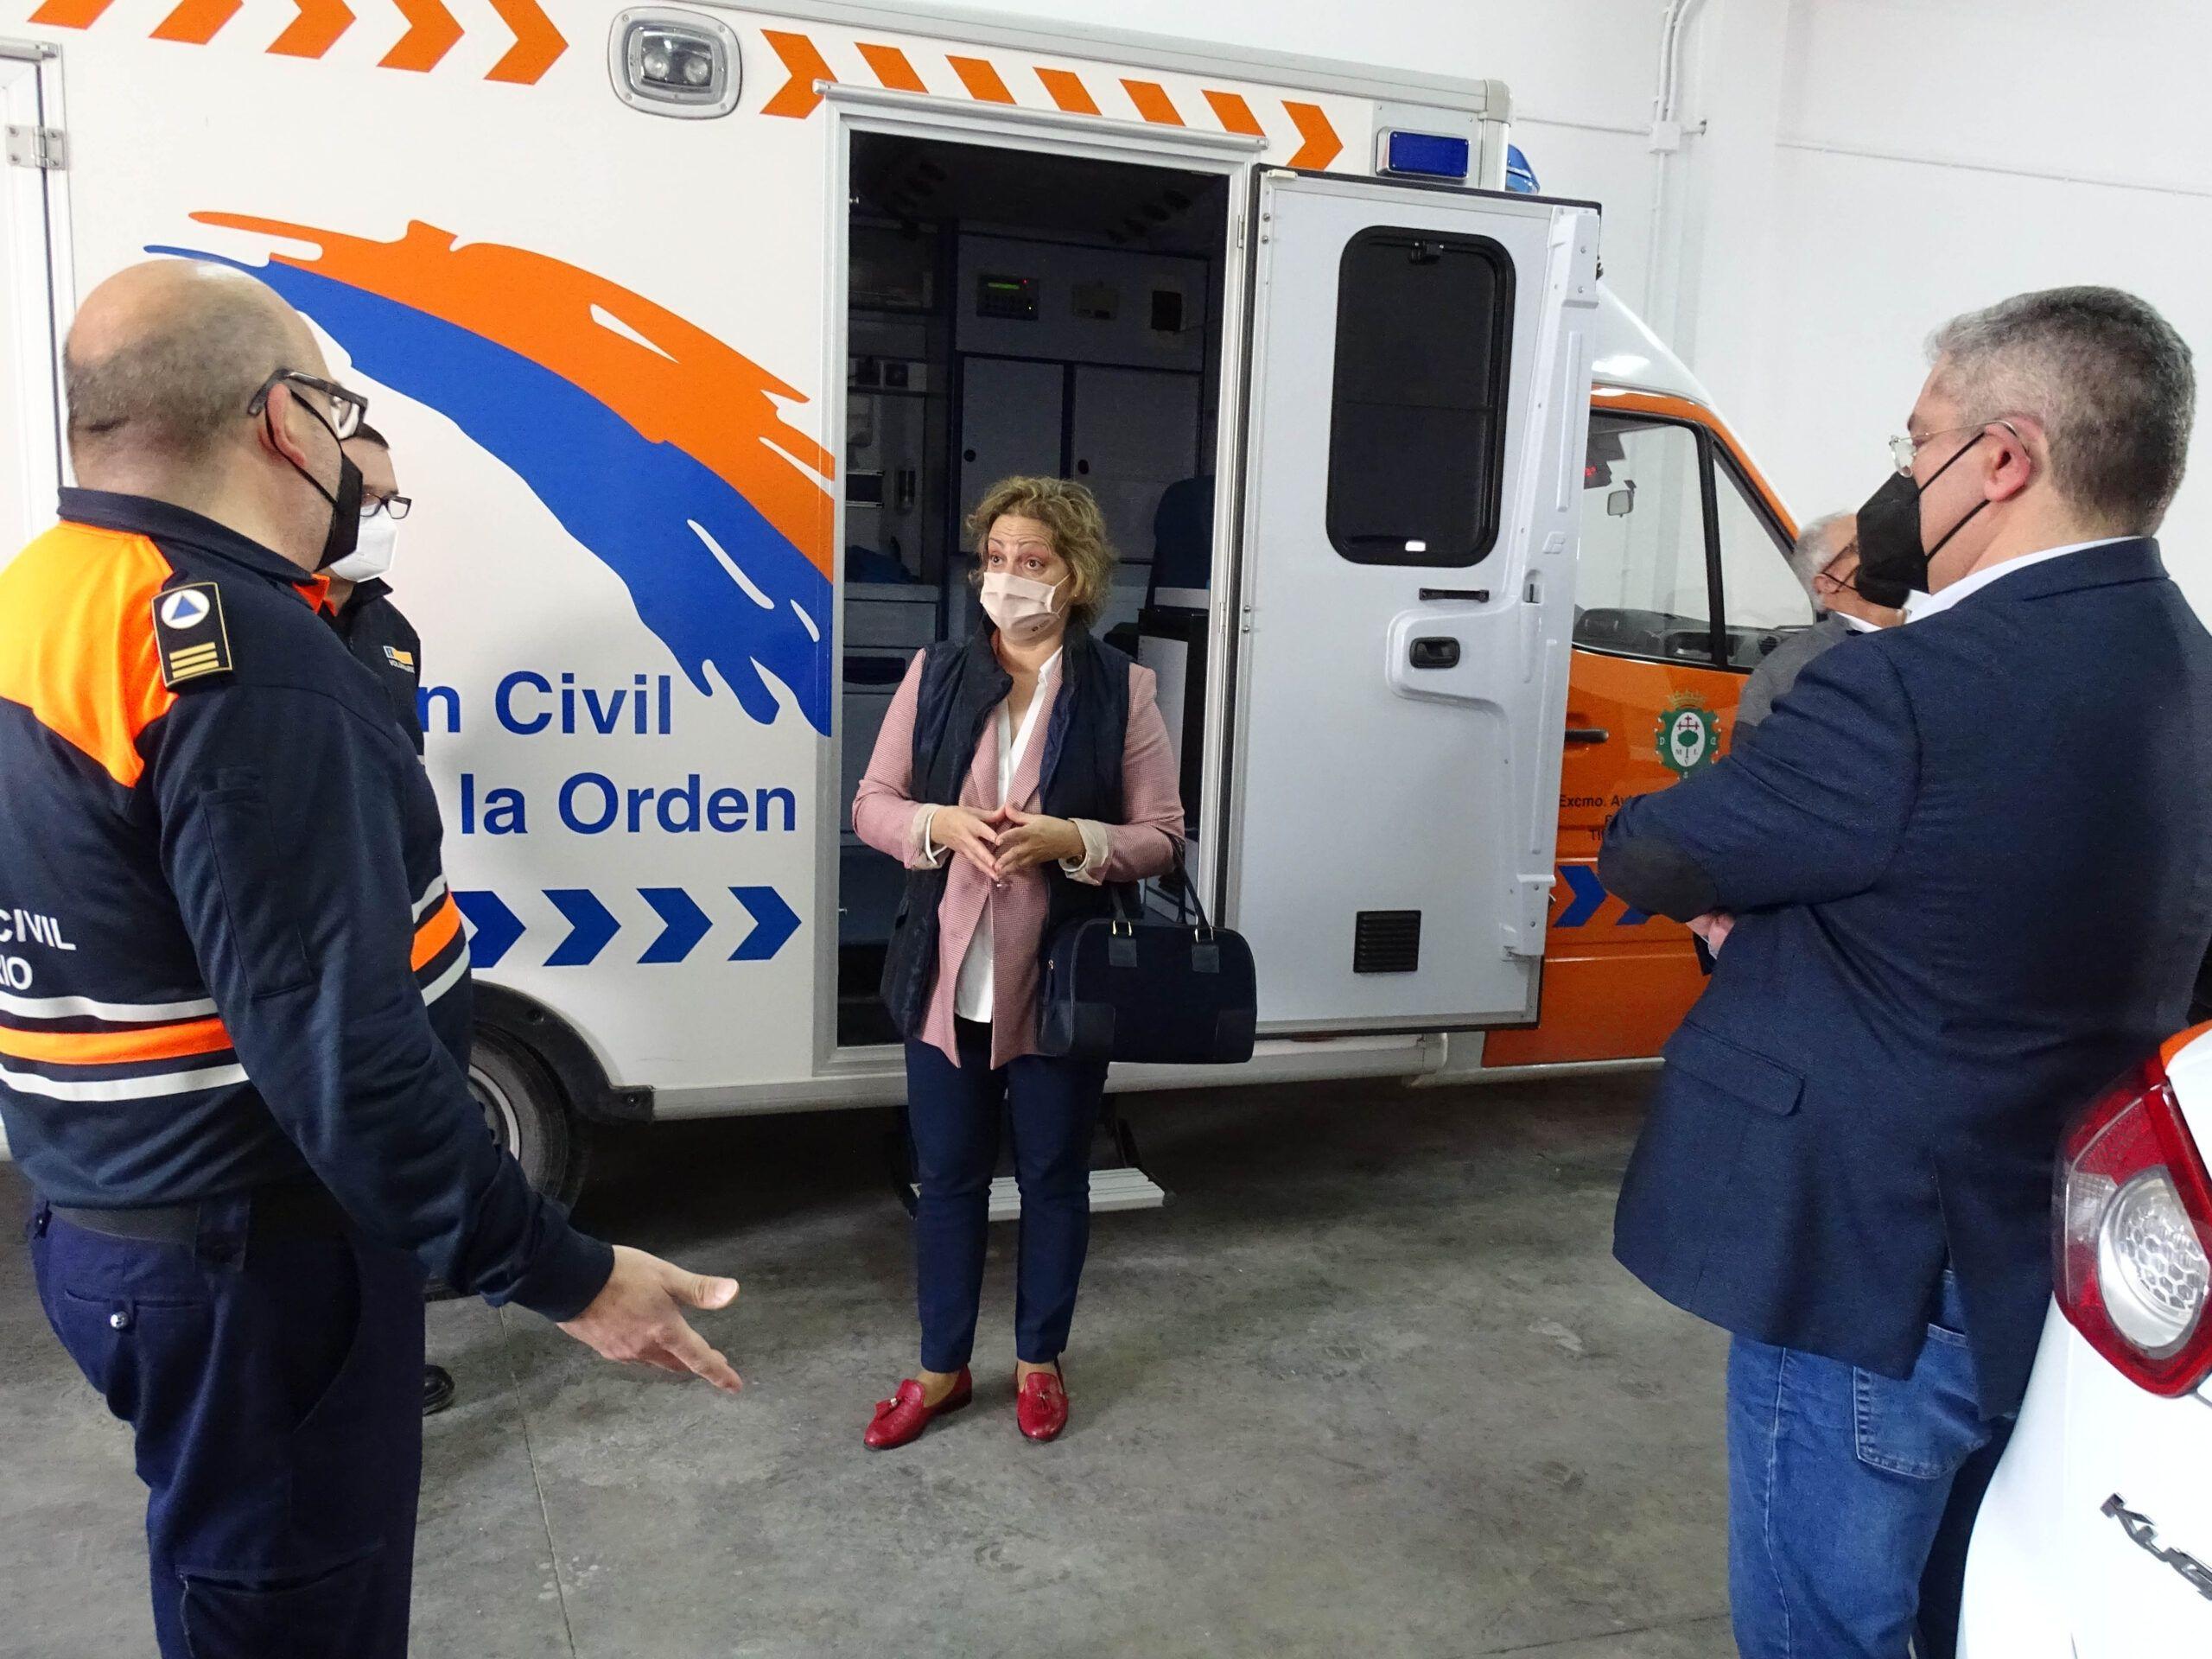 El Gobierno regional destaca la labor formativa en técnicas de RCP que realizan los voluntarios de Protección Civil de Quintanar de la Orden